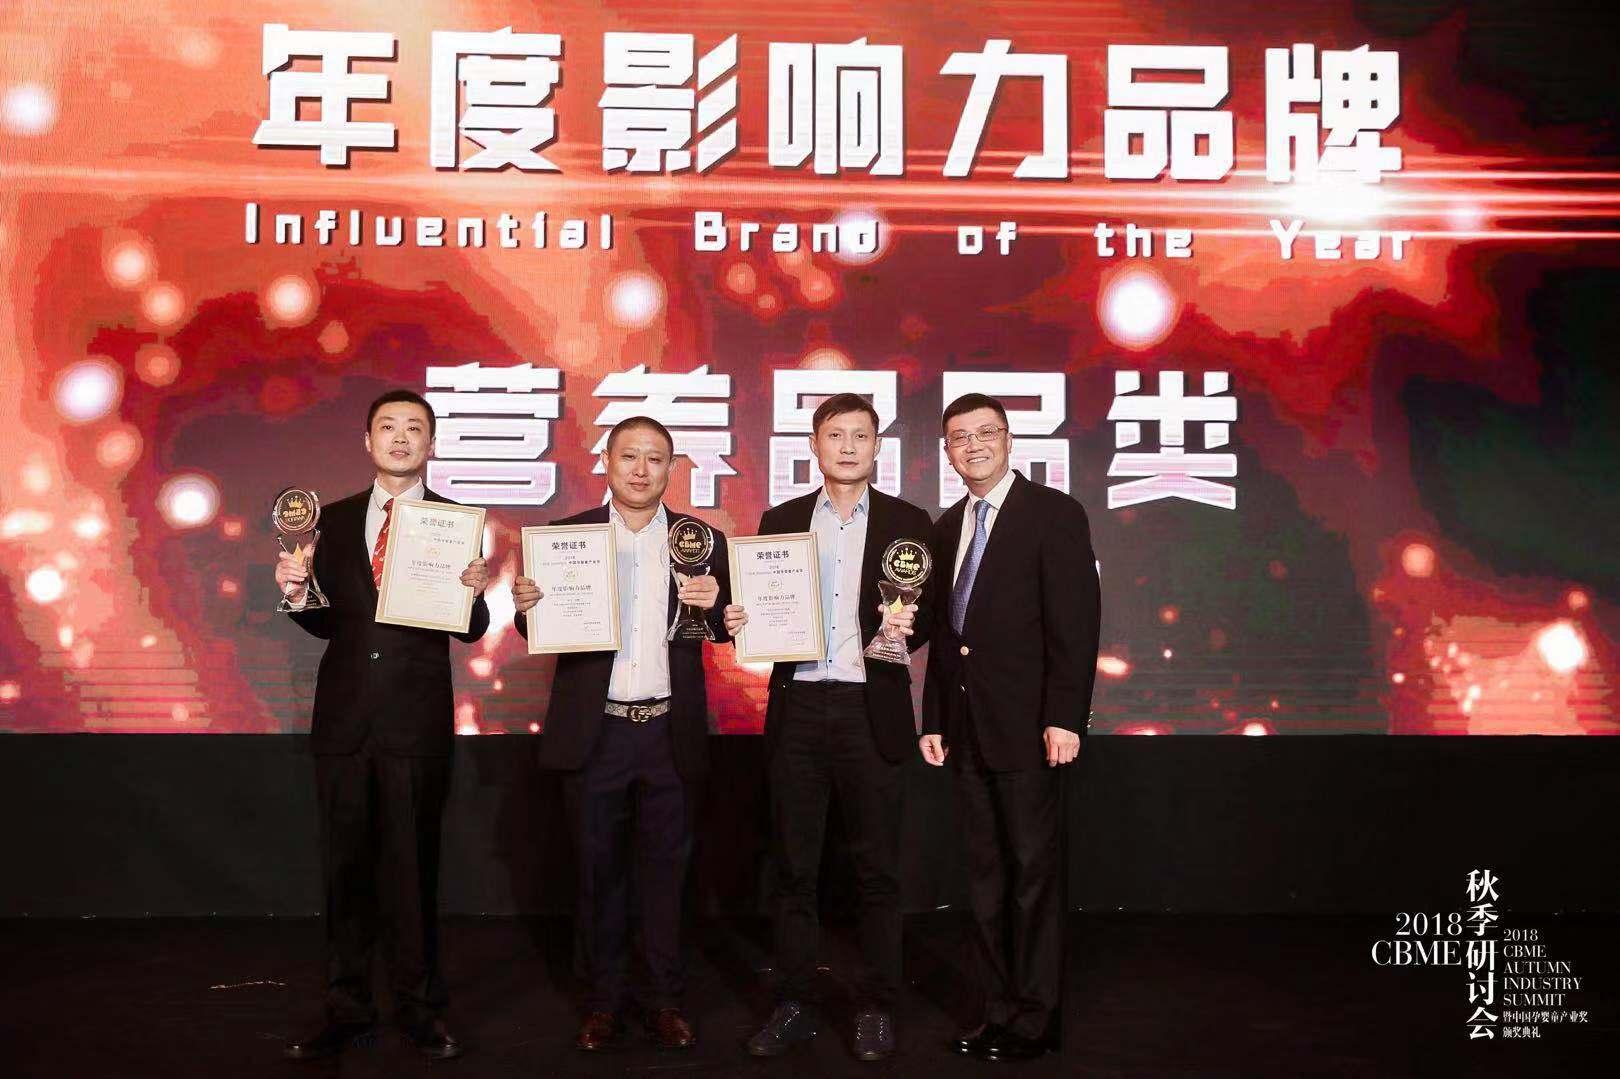 """安琪纽特荣膺2018 CBME AWARDS""""年度影响力品牌""""上榜品牌"""